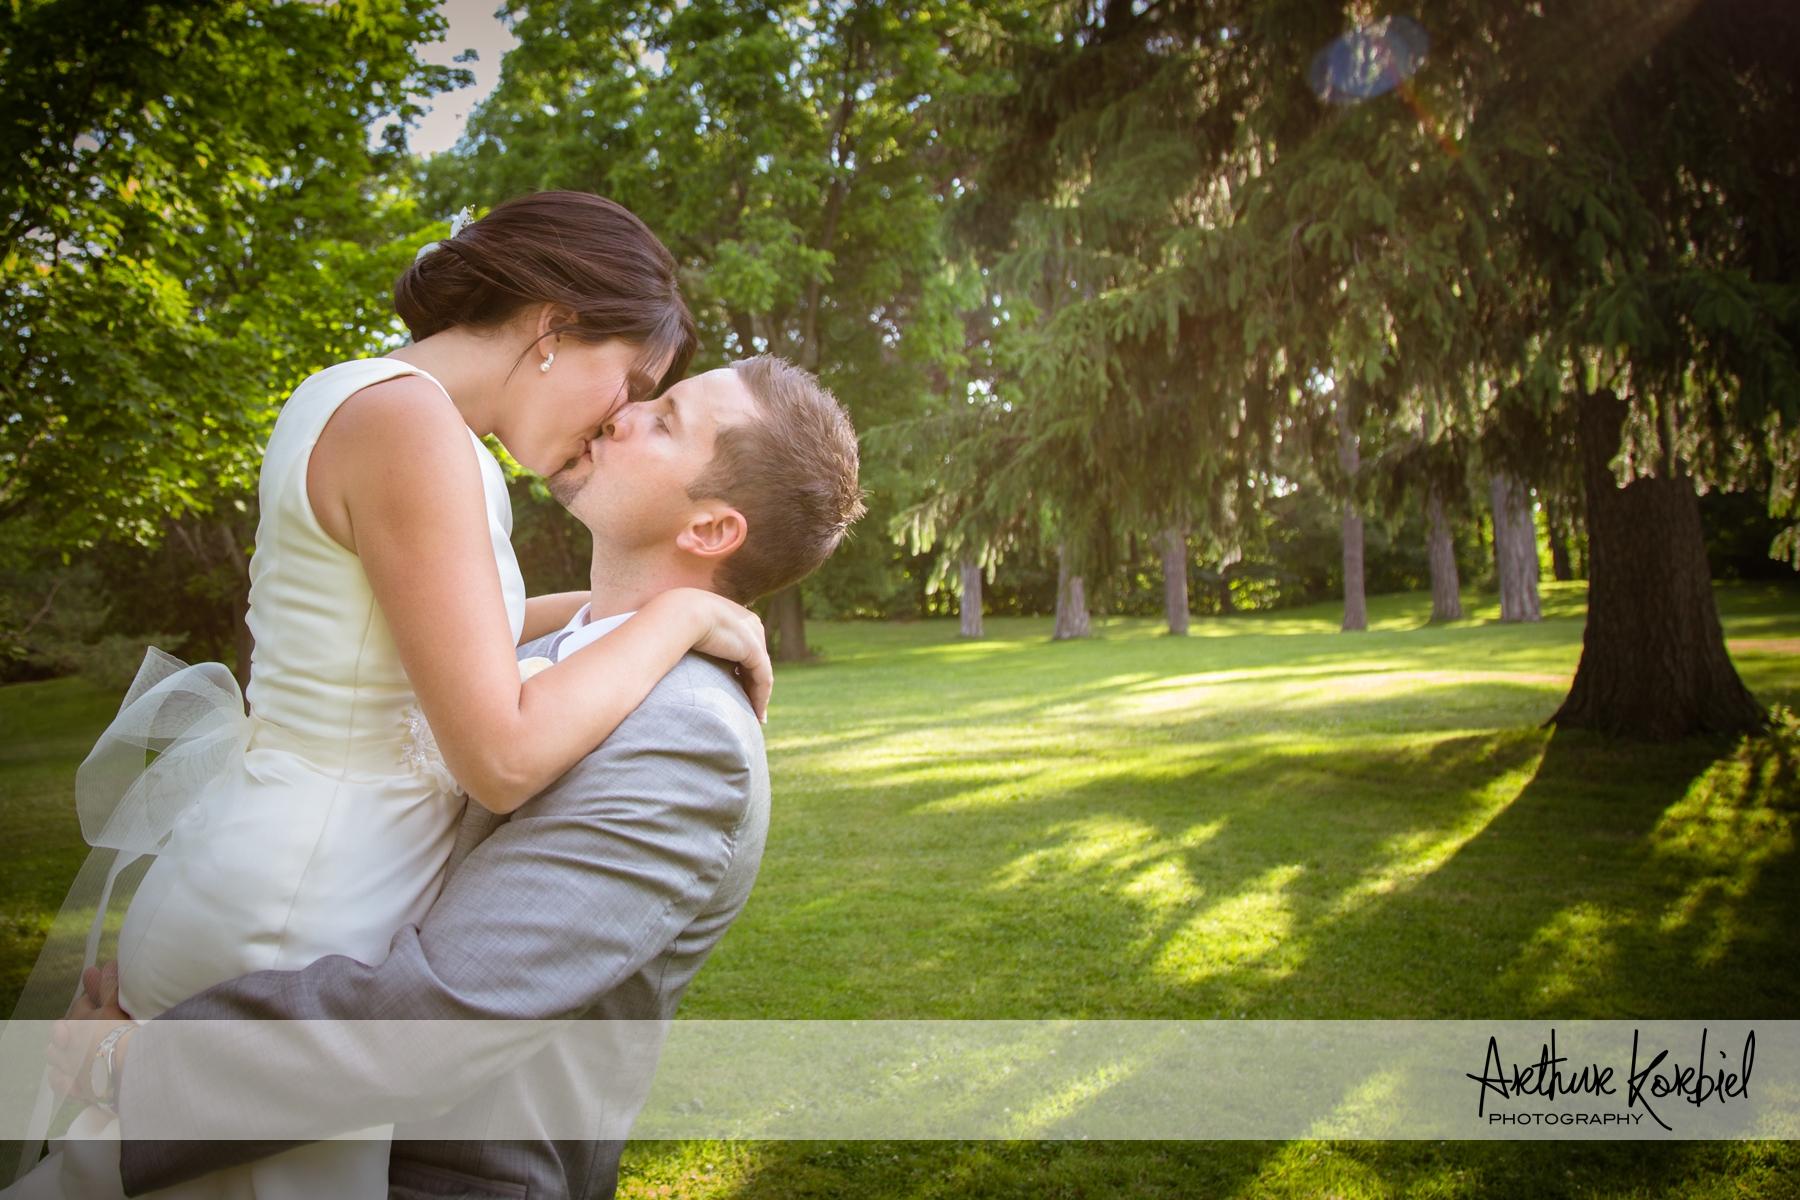 Arthur Korbiel Photography - London Wedding Photographer - Harper-005.jpg